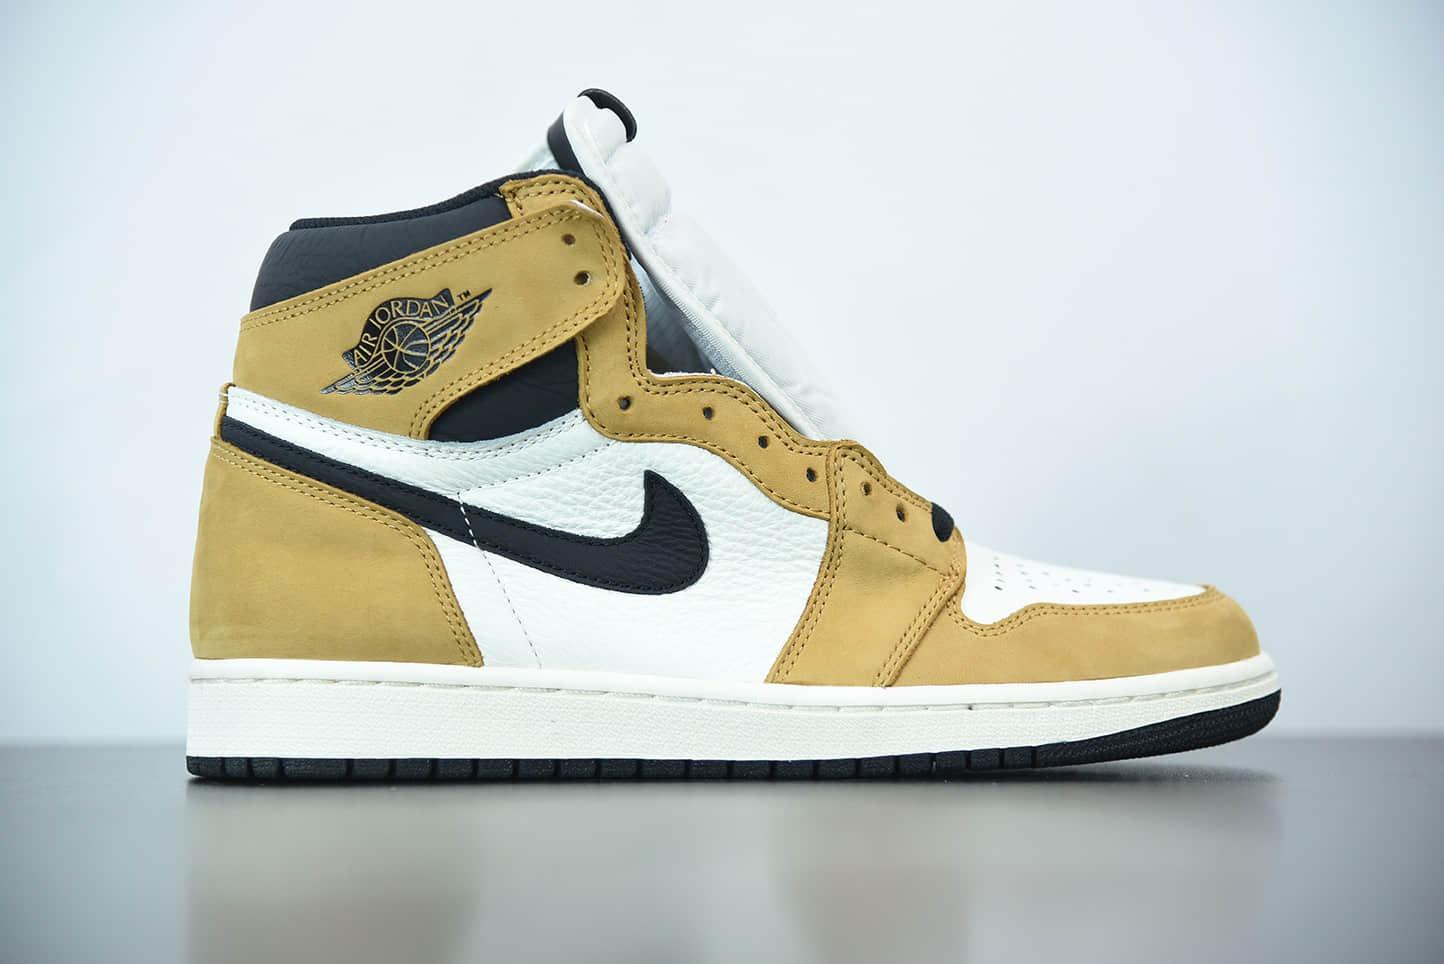 乔丹Air Jordan 1 Retro Bred Toe AJ1代高帮新秀篮球鞋纯原版本货号:555088-700